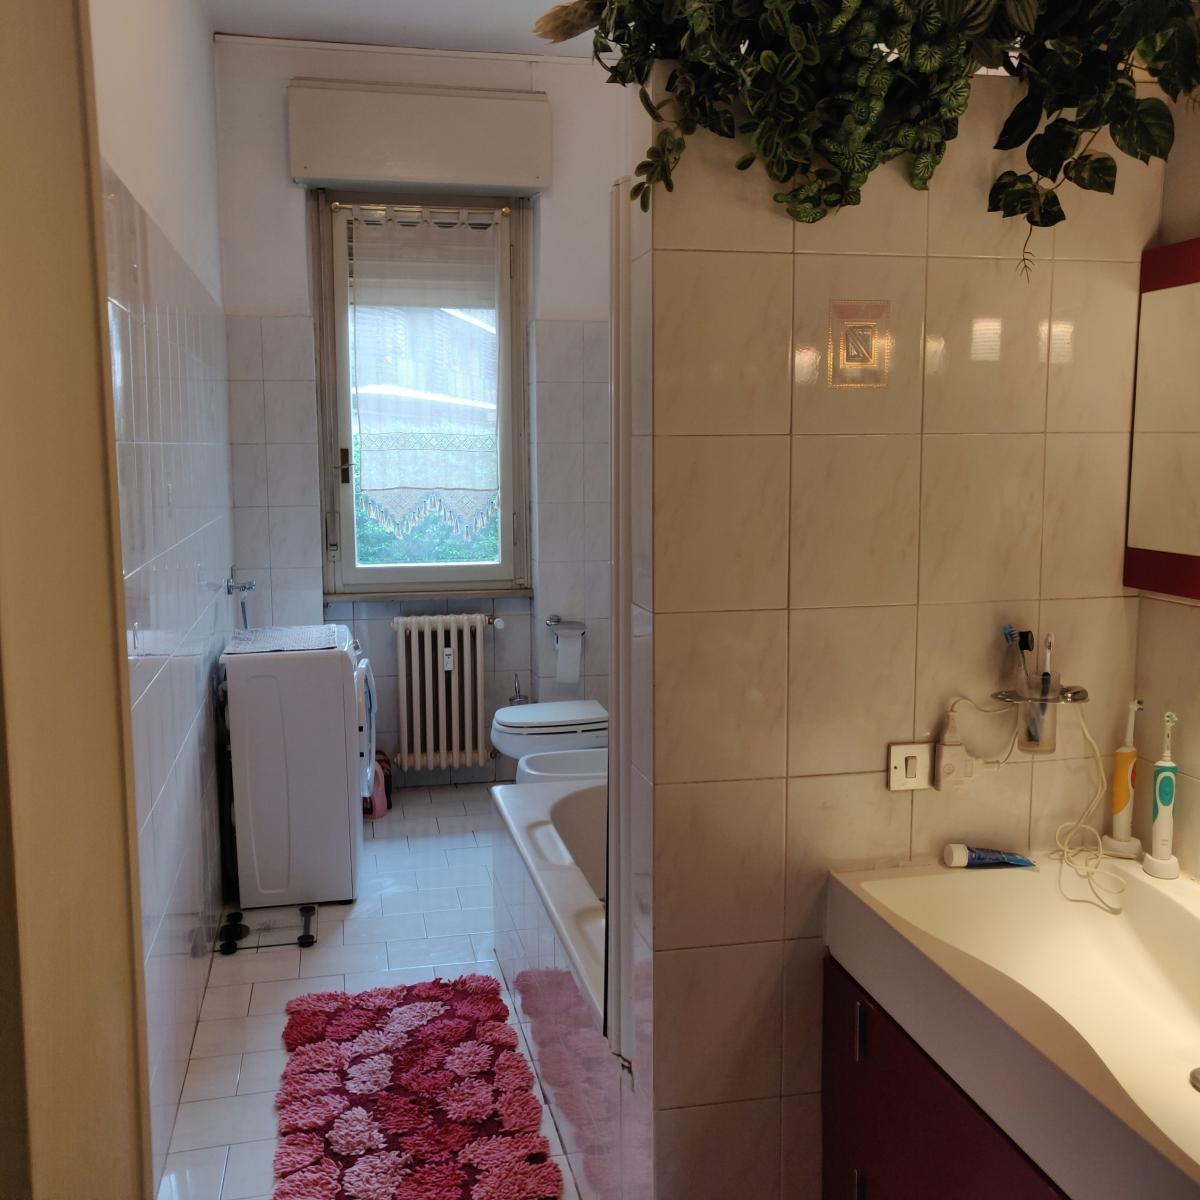 appartamento-in-vendita-baggio-via-gianella-3-locali-spaziourbano-immobiliare-vende-7